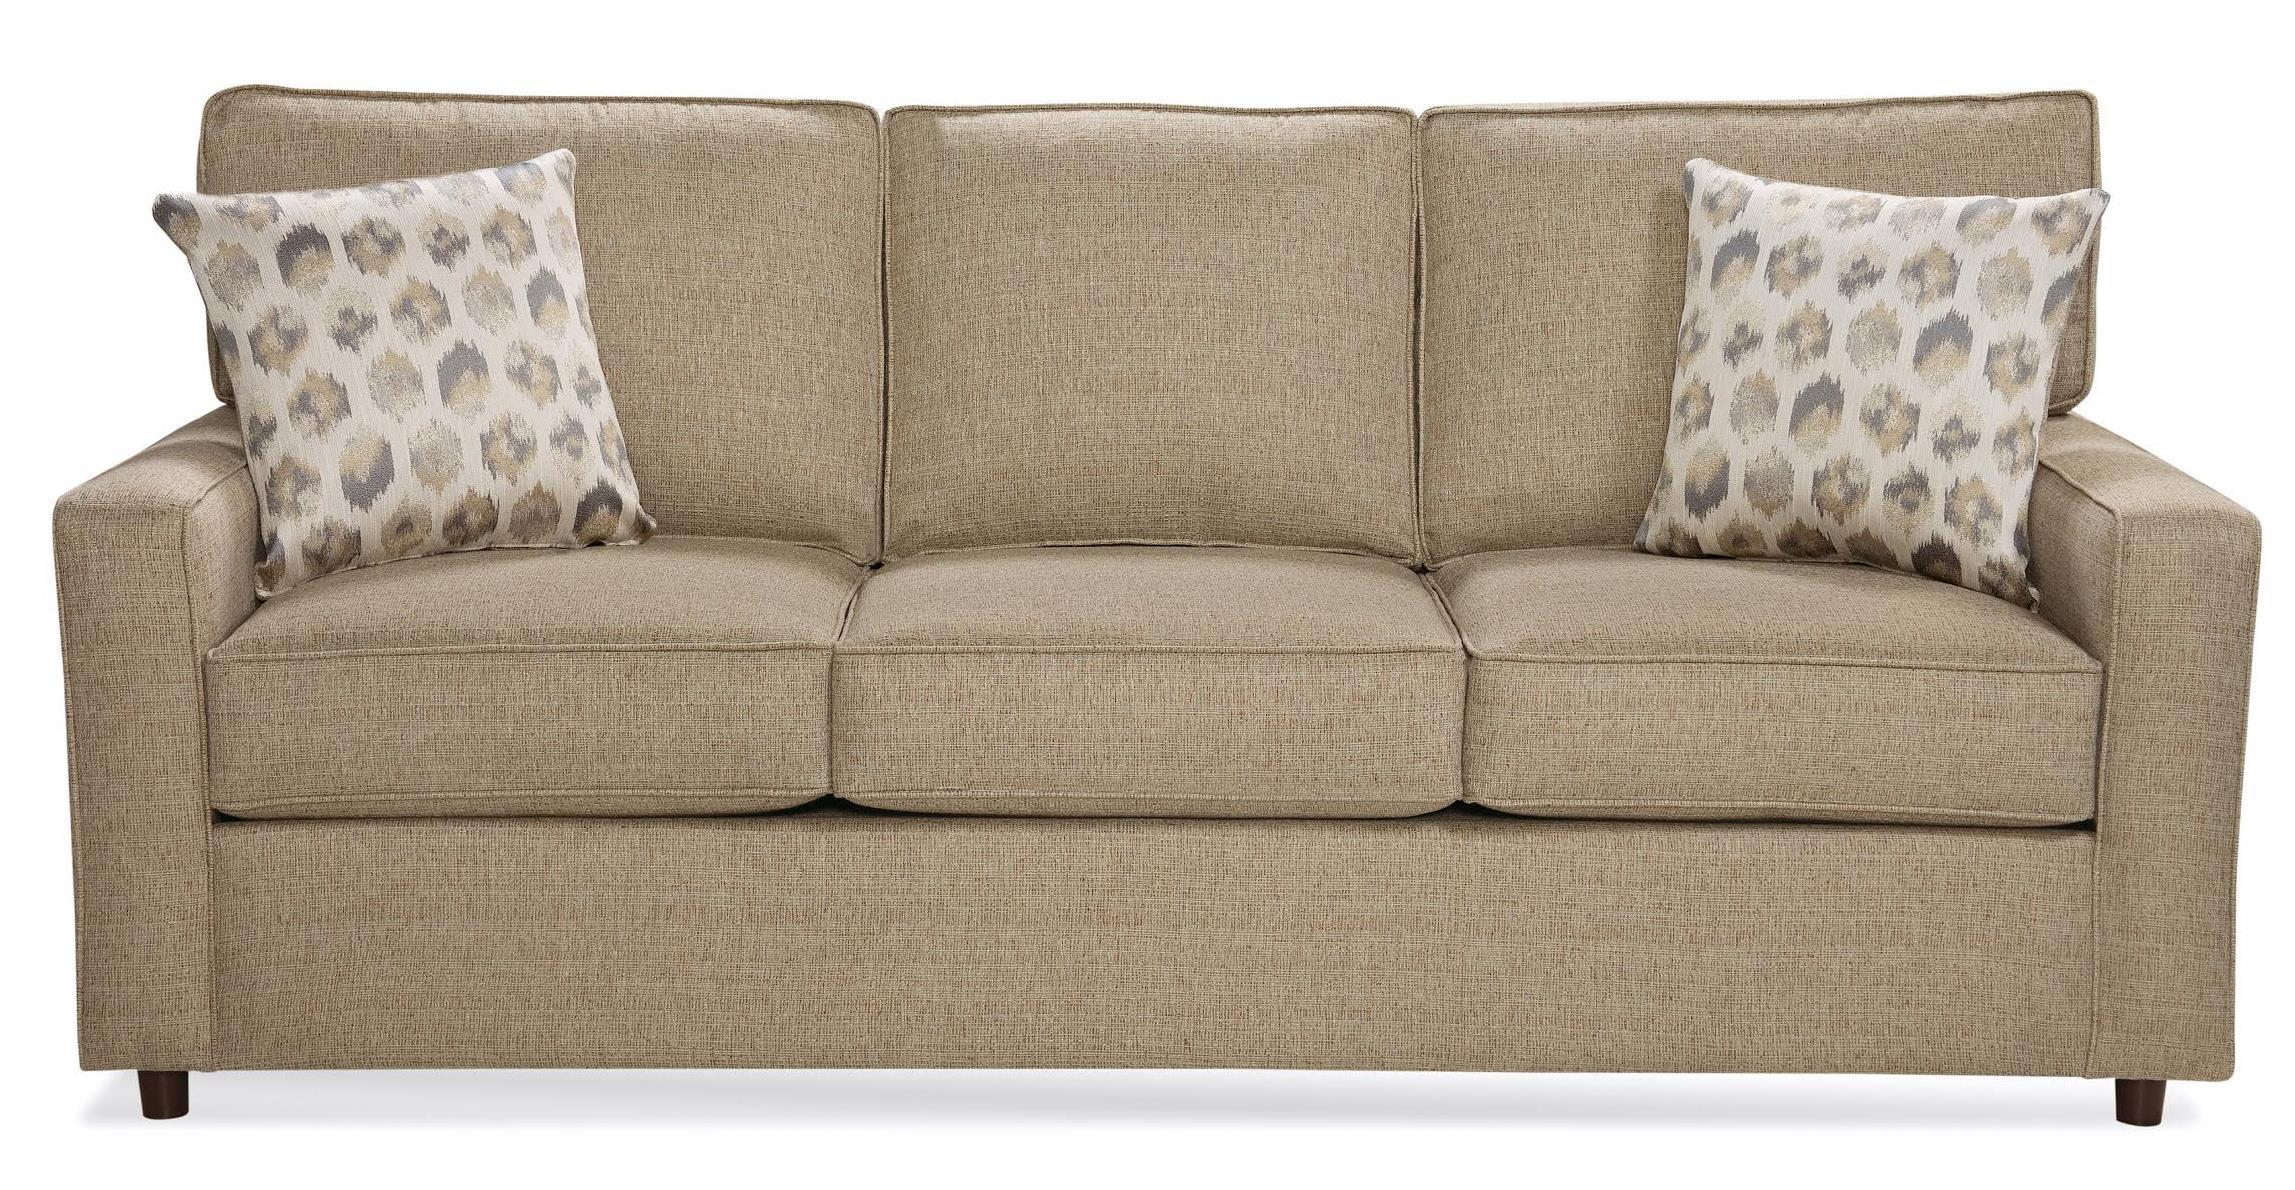 Belfort Essentials Eliot Queen Sleeper Sofa - Item Number: 9200-36-Brown